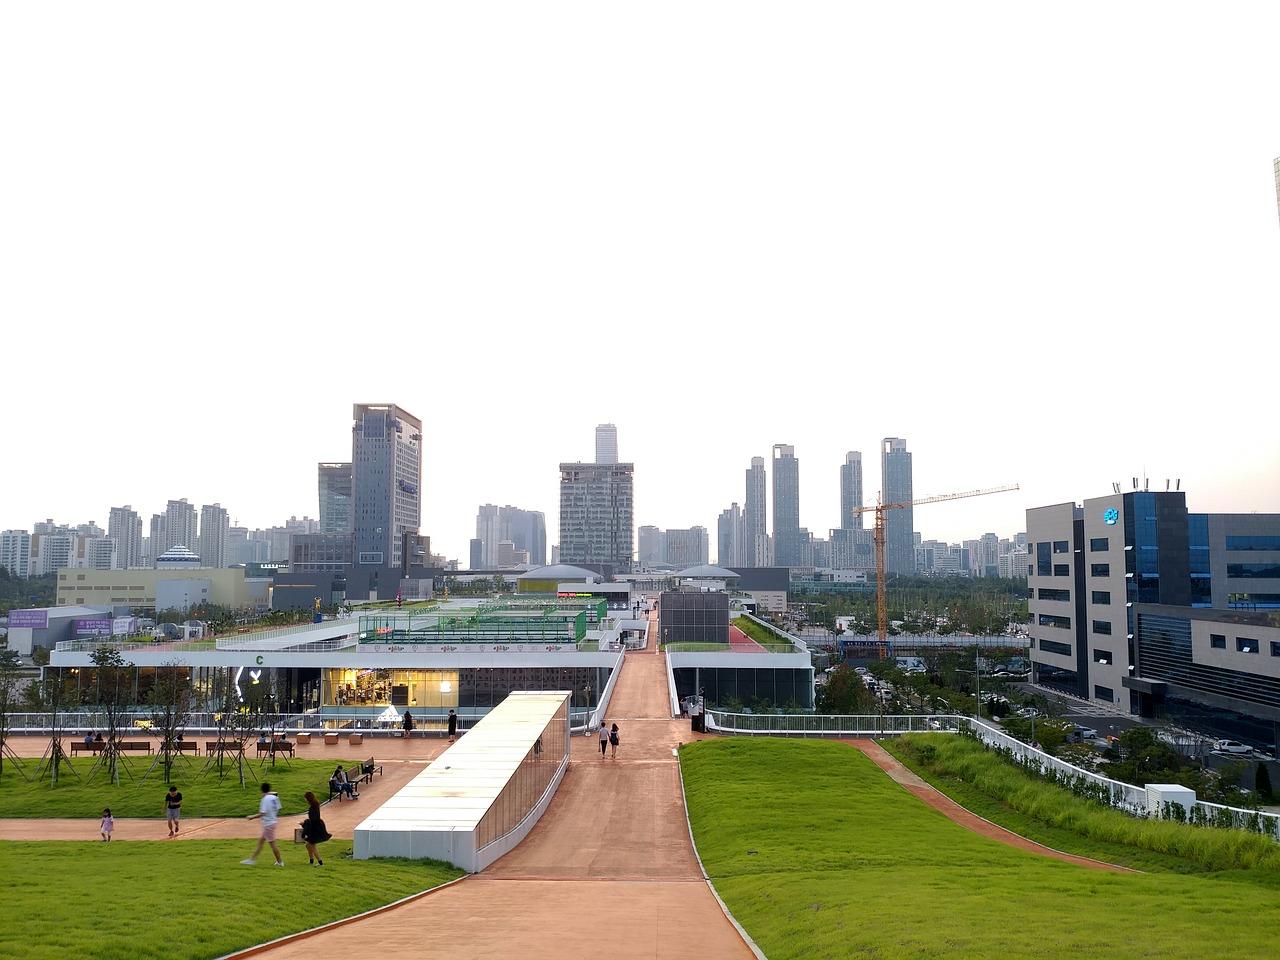 new-songdo-city-2735923_1280.jpg